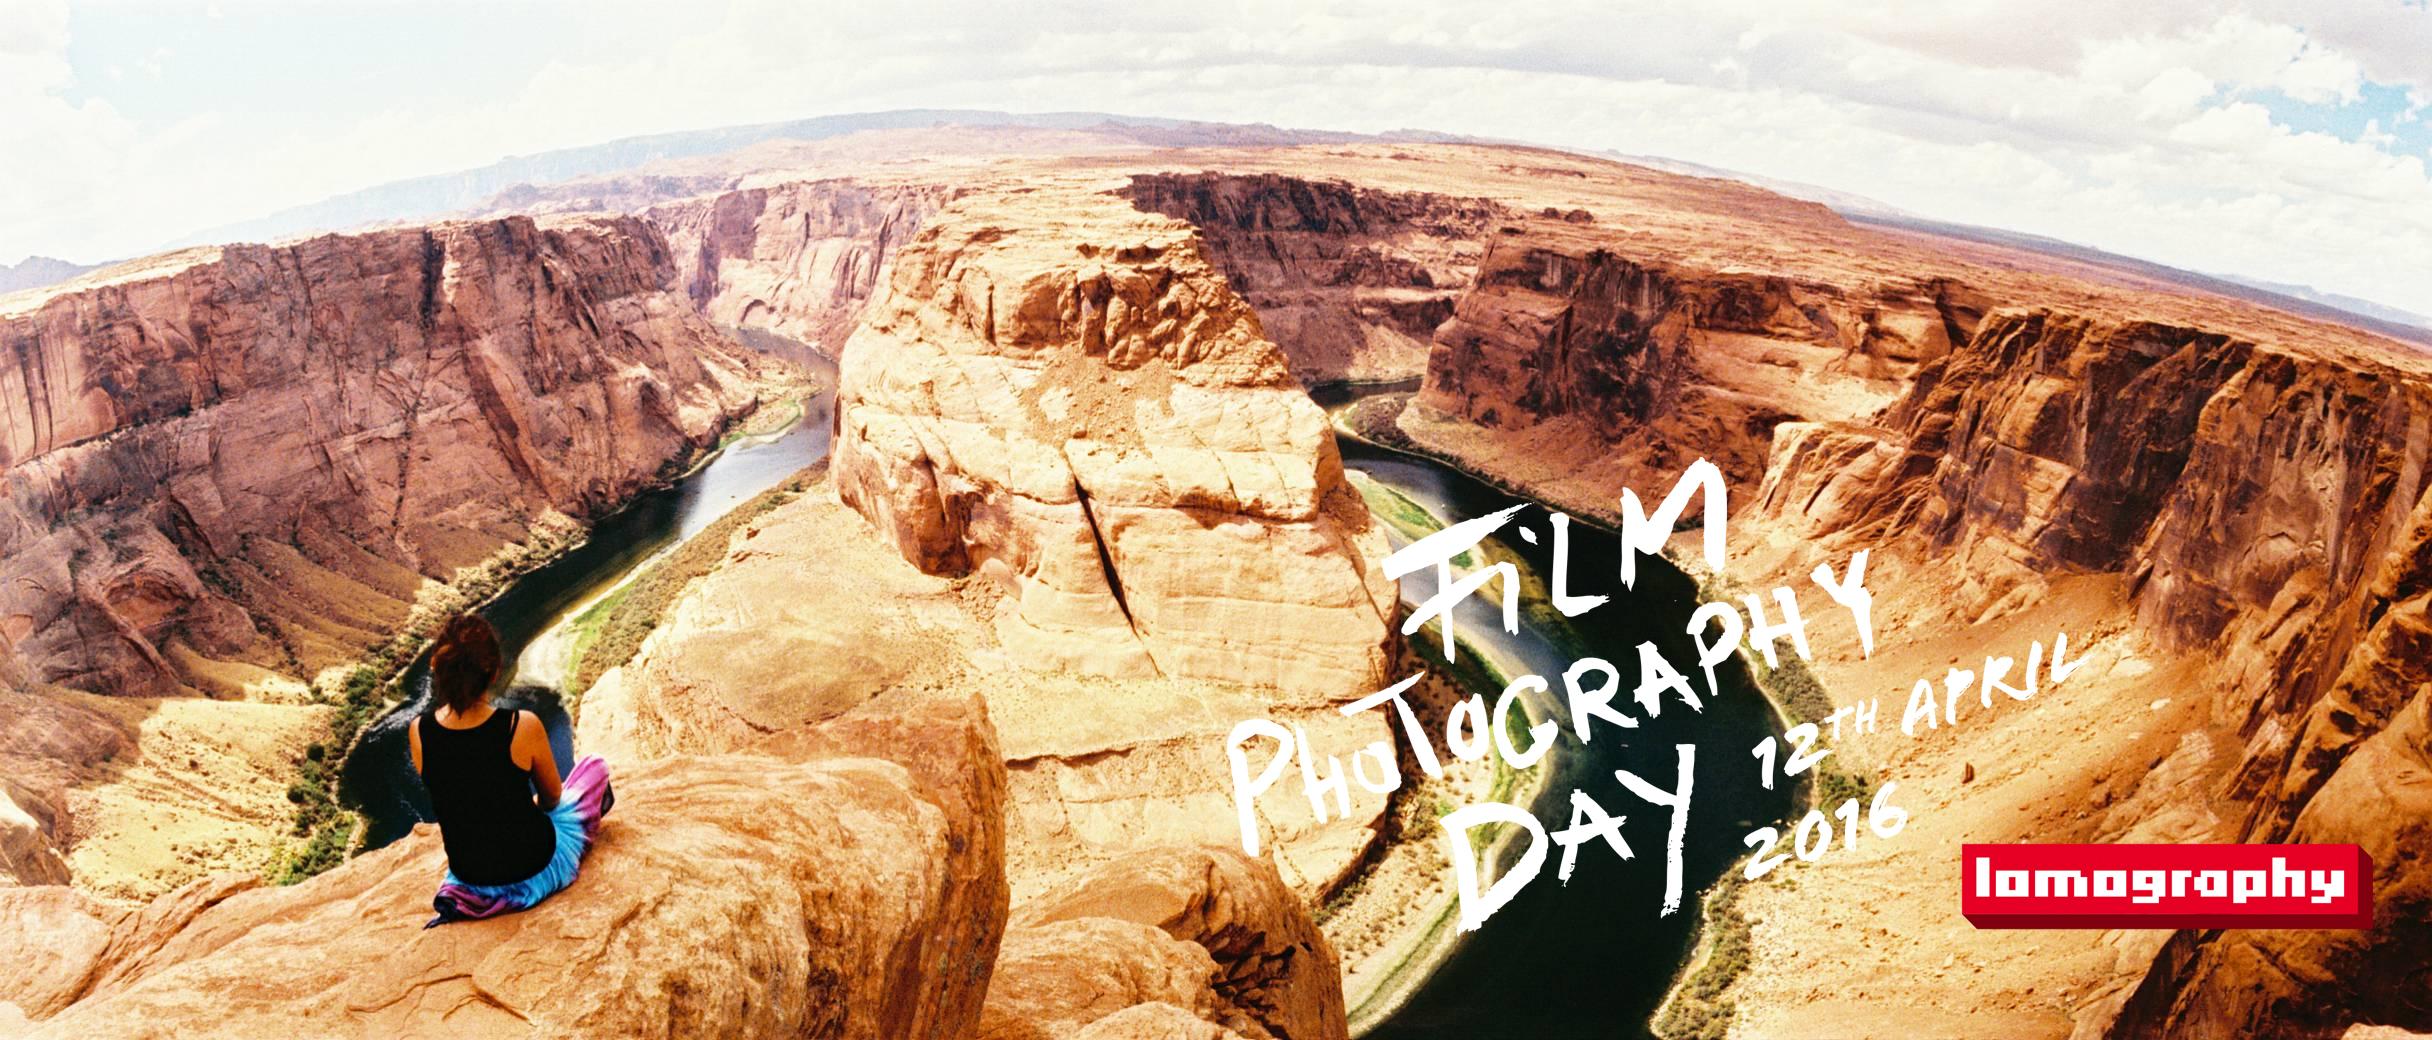 Să sărbătorim împreună Ziua Internațională a Fotografiei pe Film! About